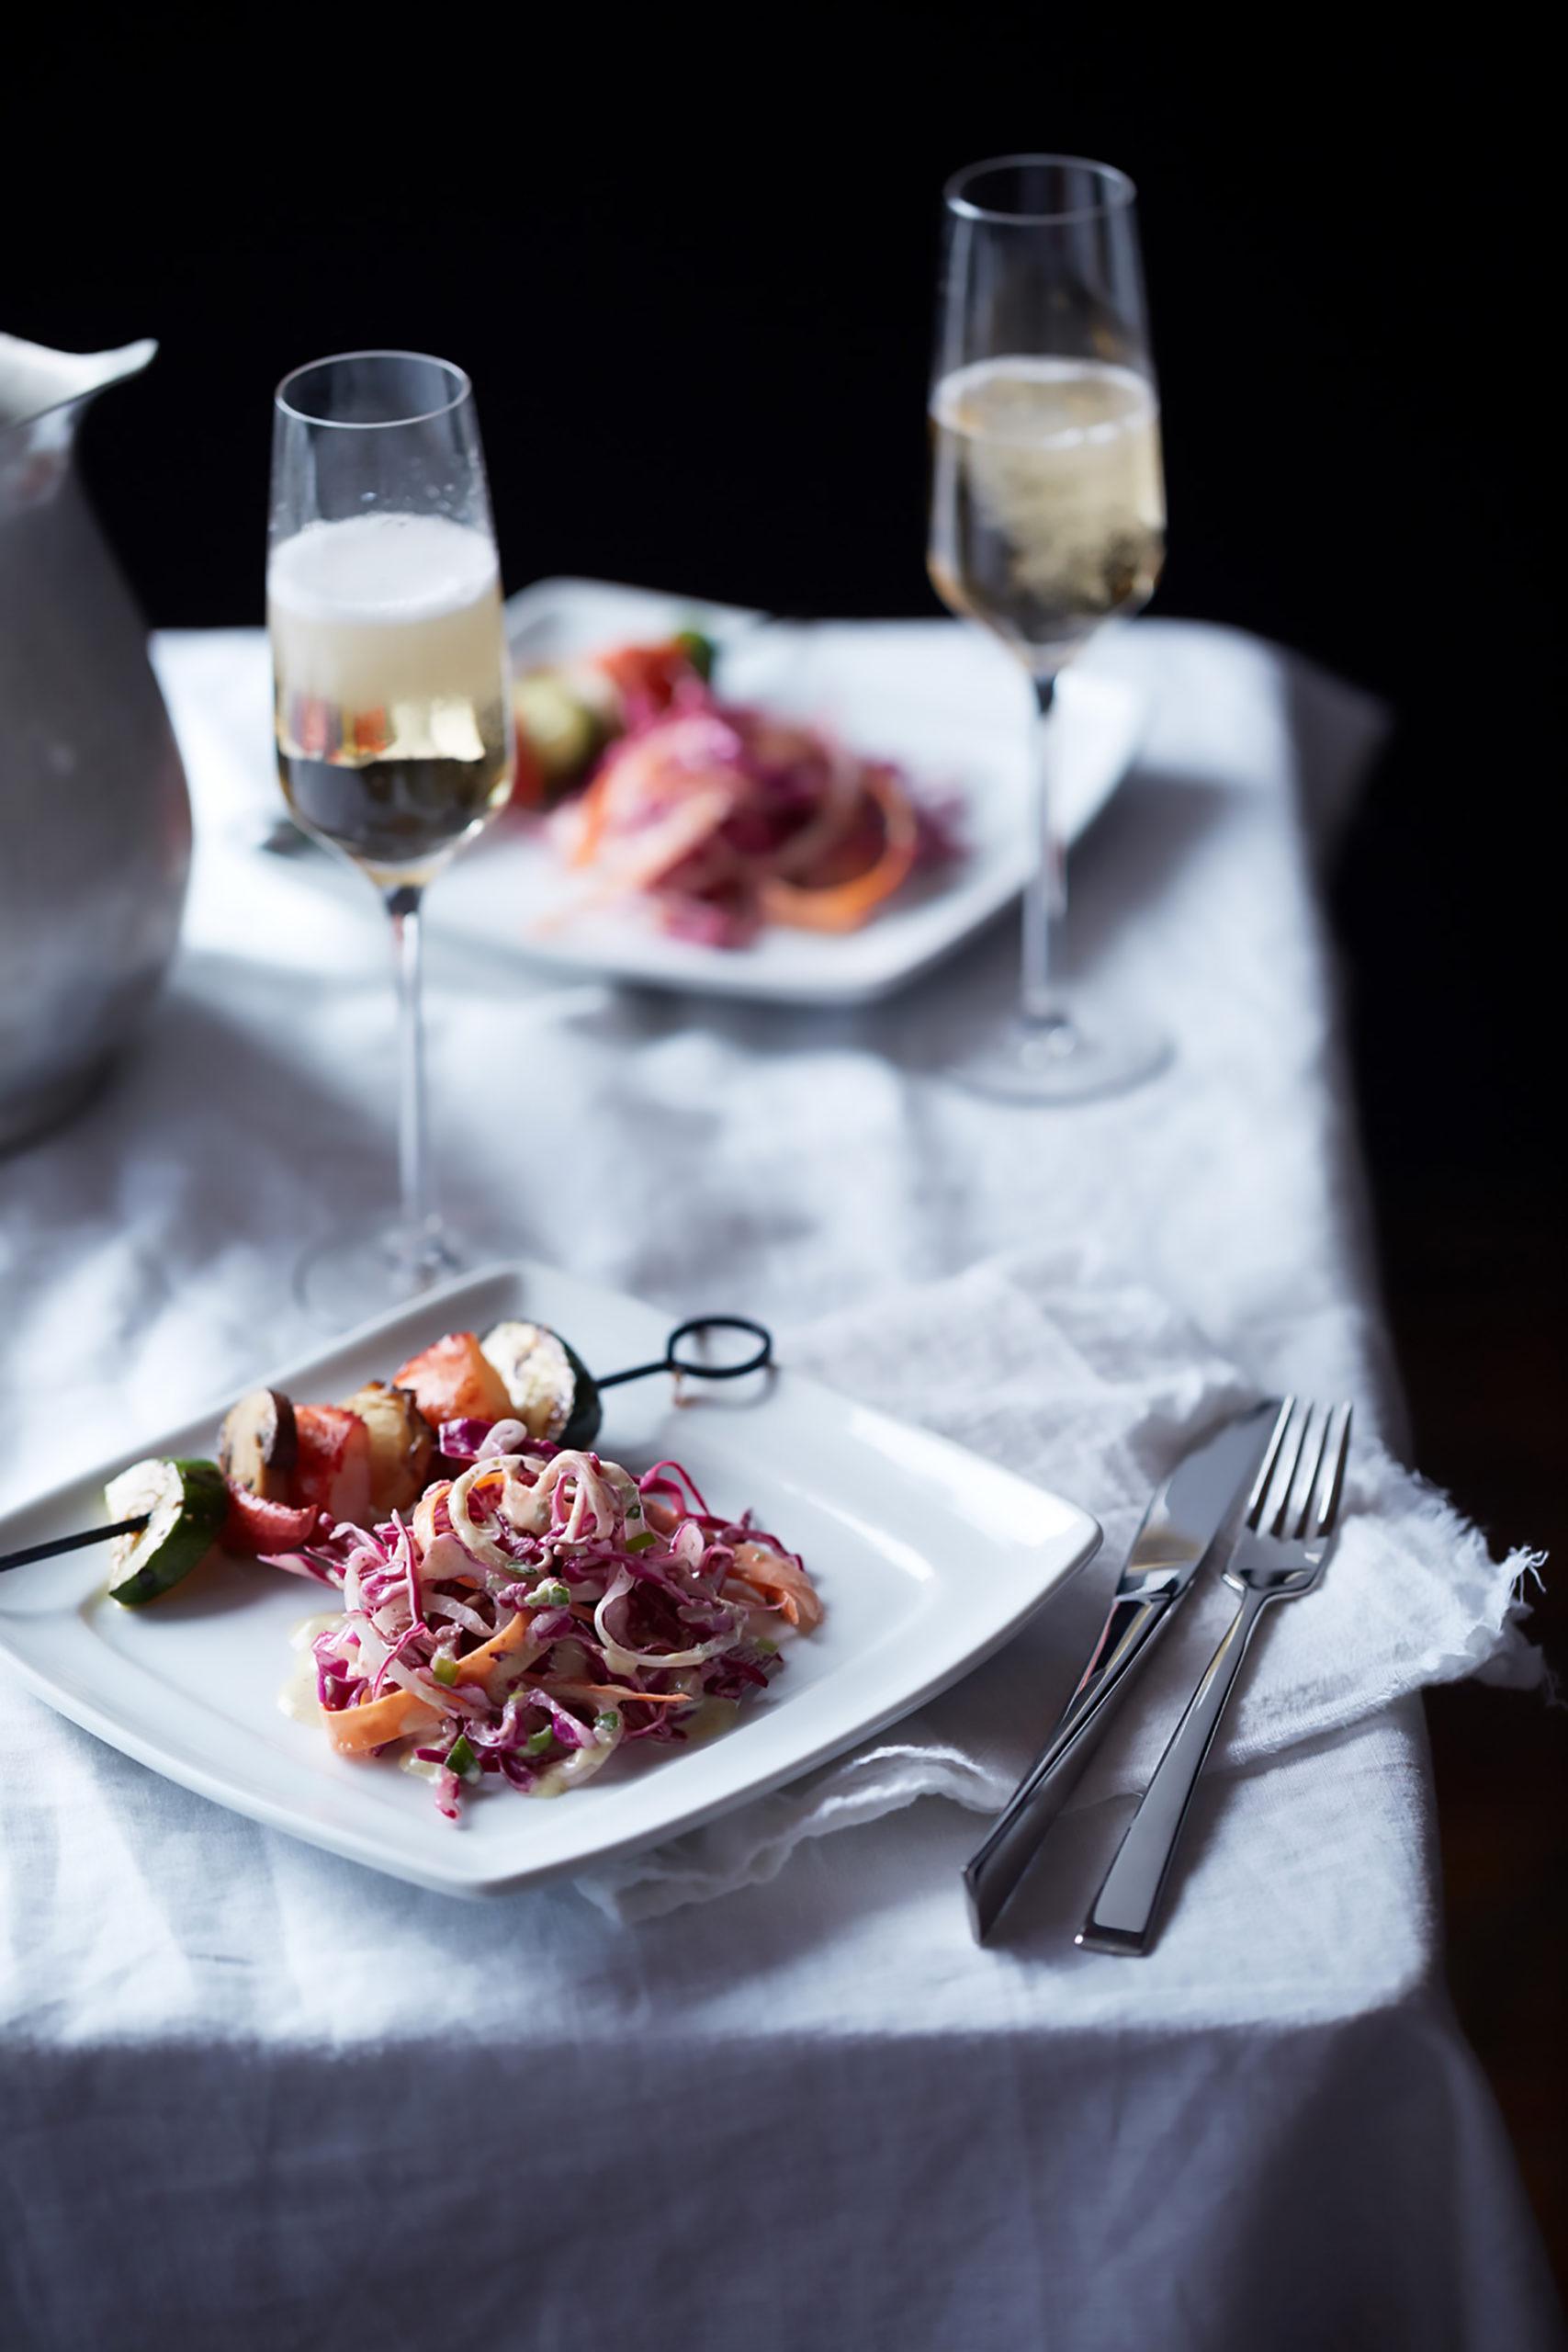 Rotkohlsalat schmeckt solo oder als Beilage